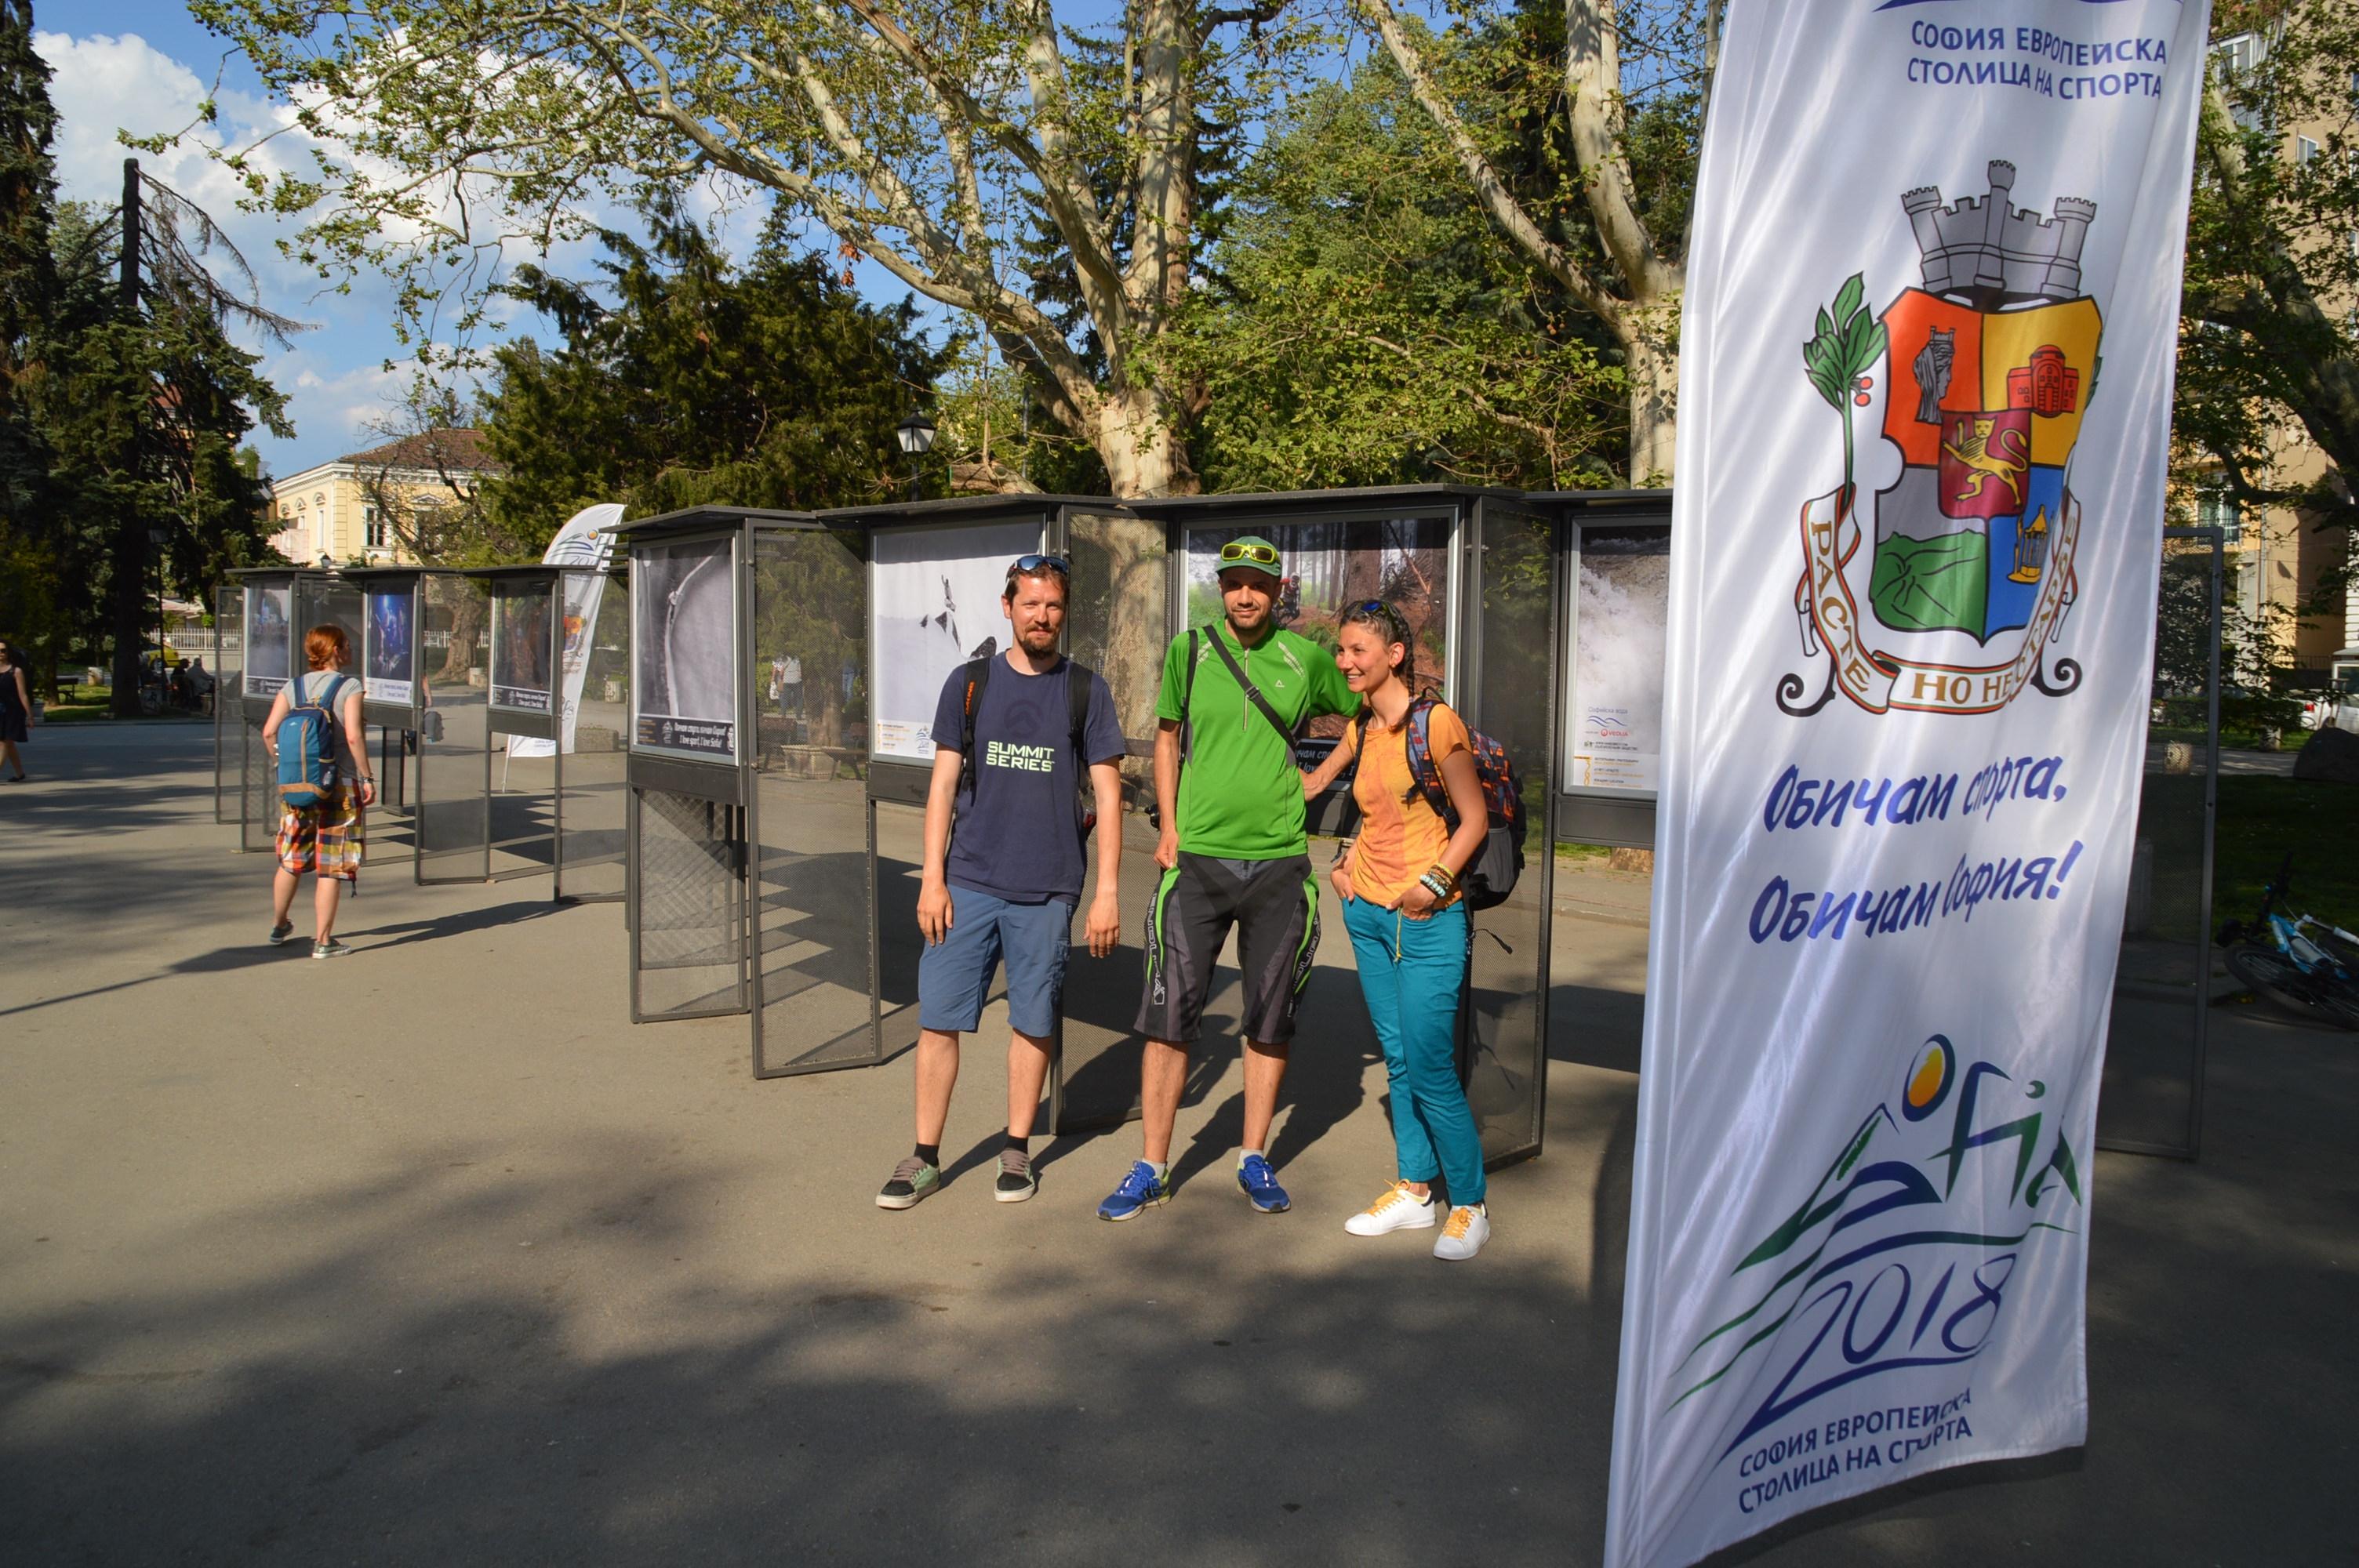 София – Европейска столица на спорта откри втората за годината